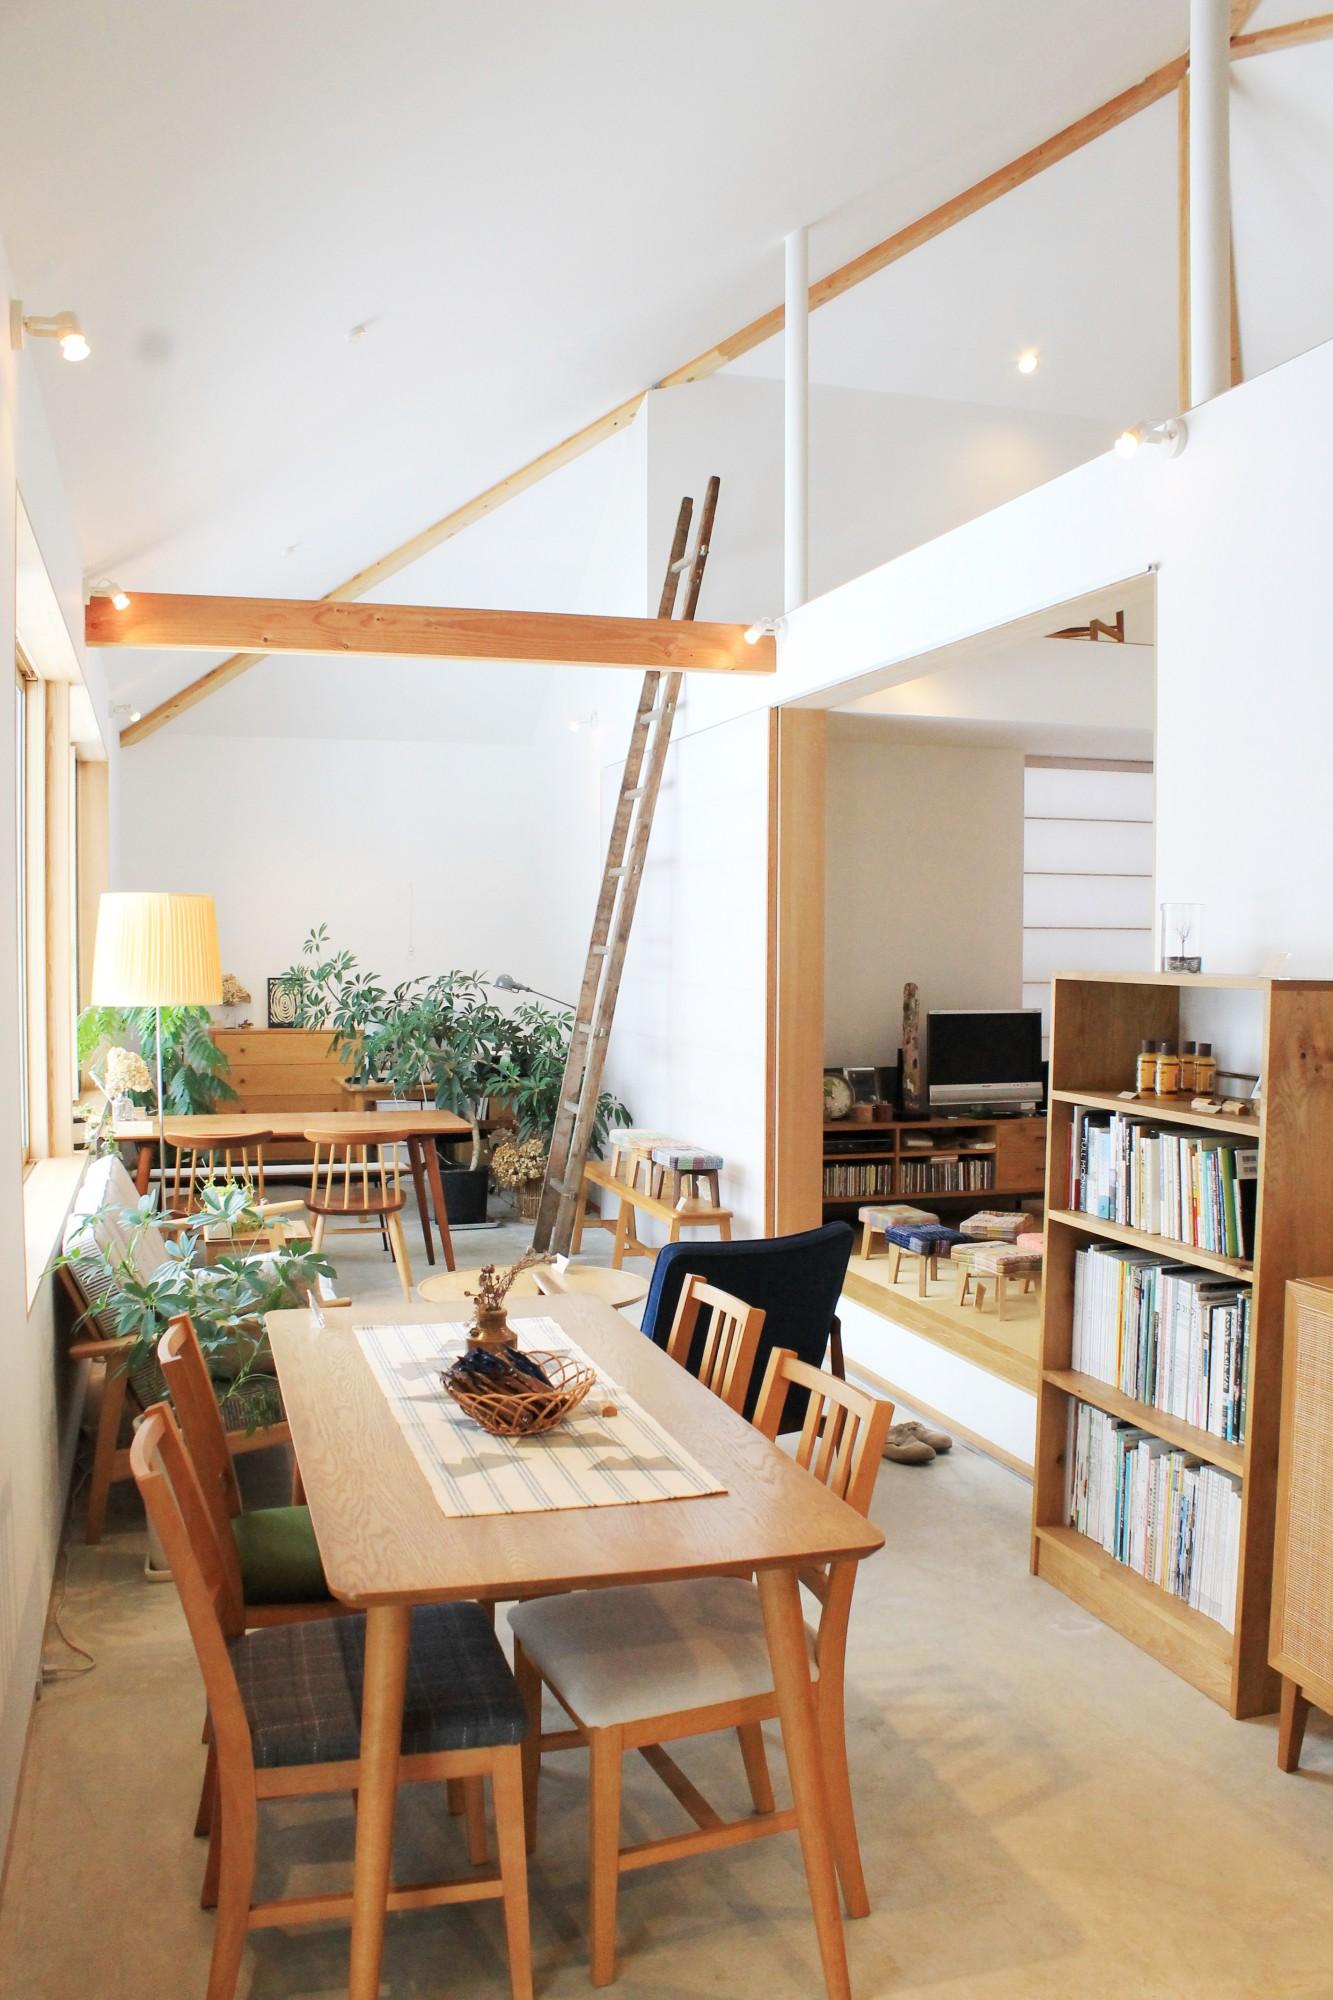 家具の展示をしている店舗スペースと、写真の右奥のテレビがあるスペースは、実際にリビングとして使用。九里さんの暮らしぶりそのものがモデルルームとしてオープンに。「nineの家具」がある生活がリアルに見えてきます。